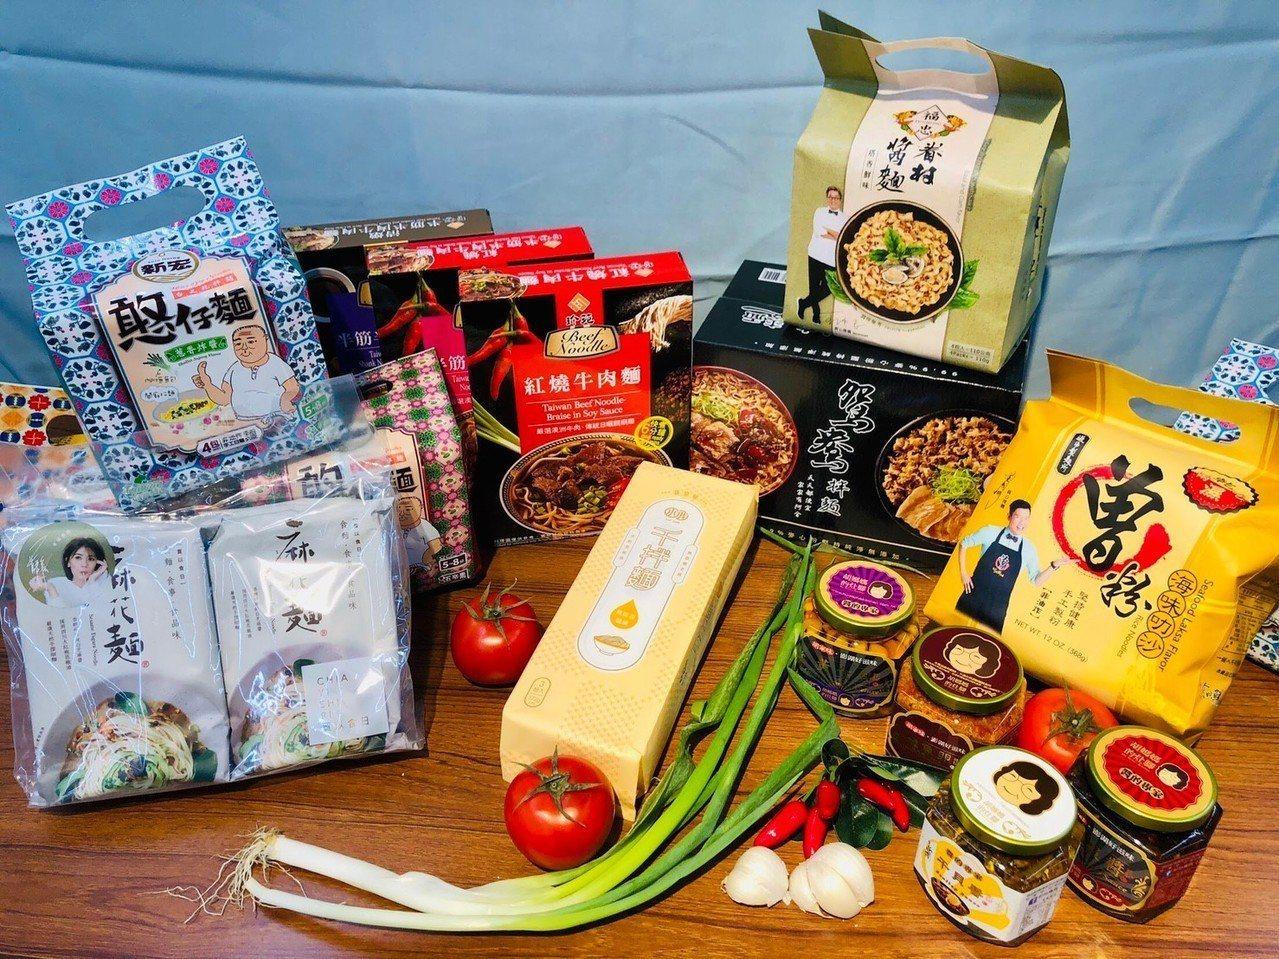 228連假家樂福推出上百件商品買一送一促銷,以及優惠線上購物抽獎活動。圖/家樂福...